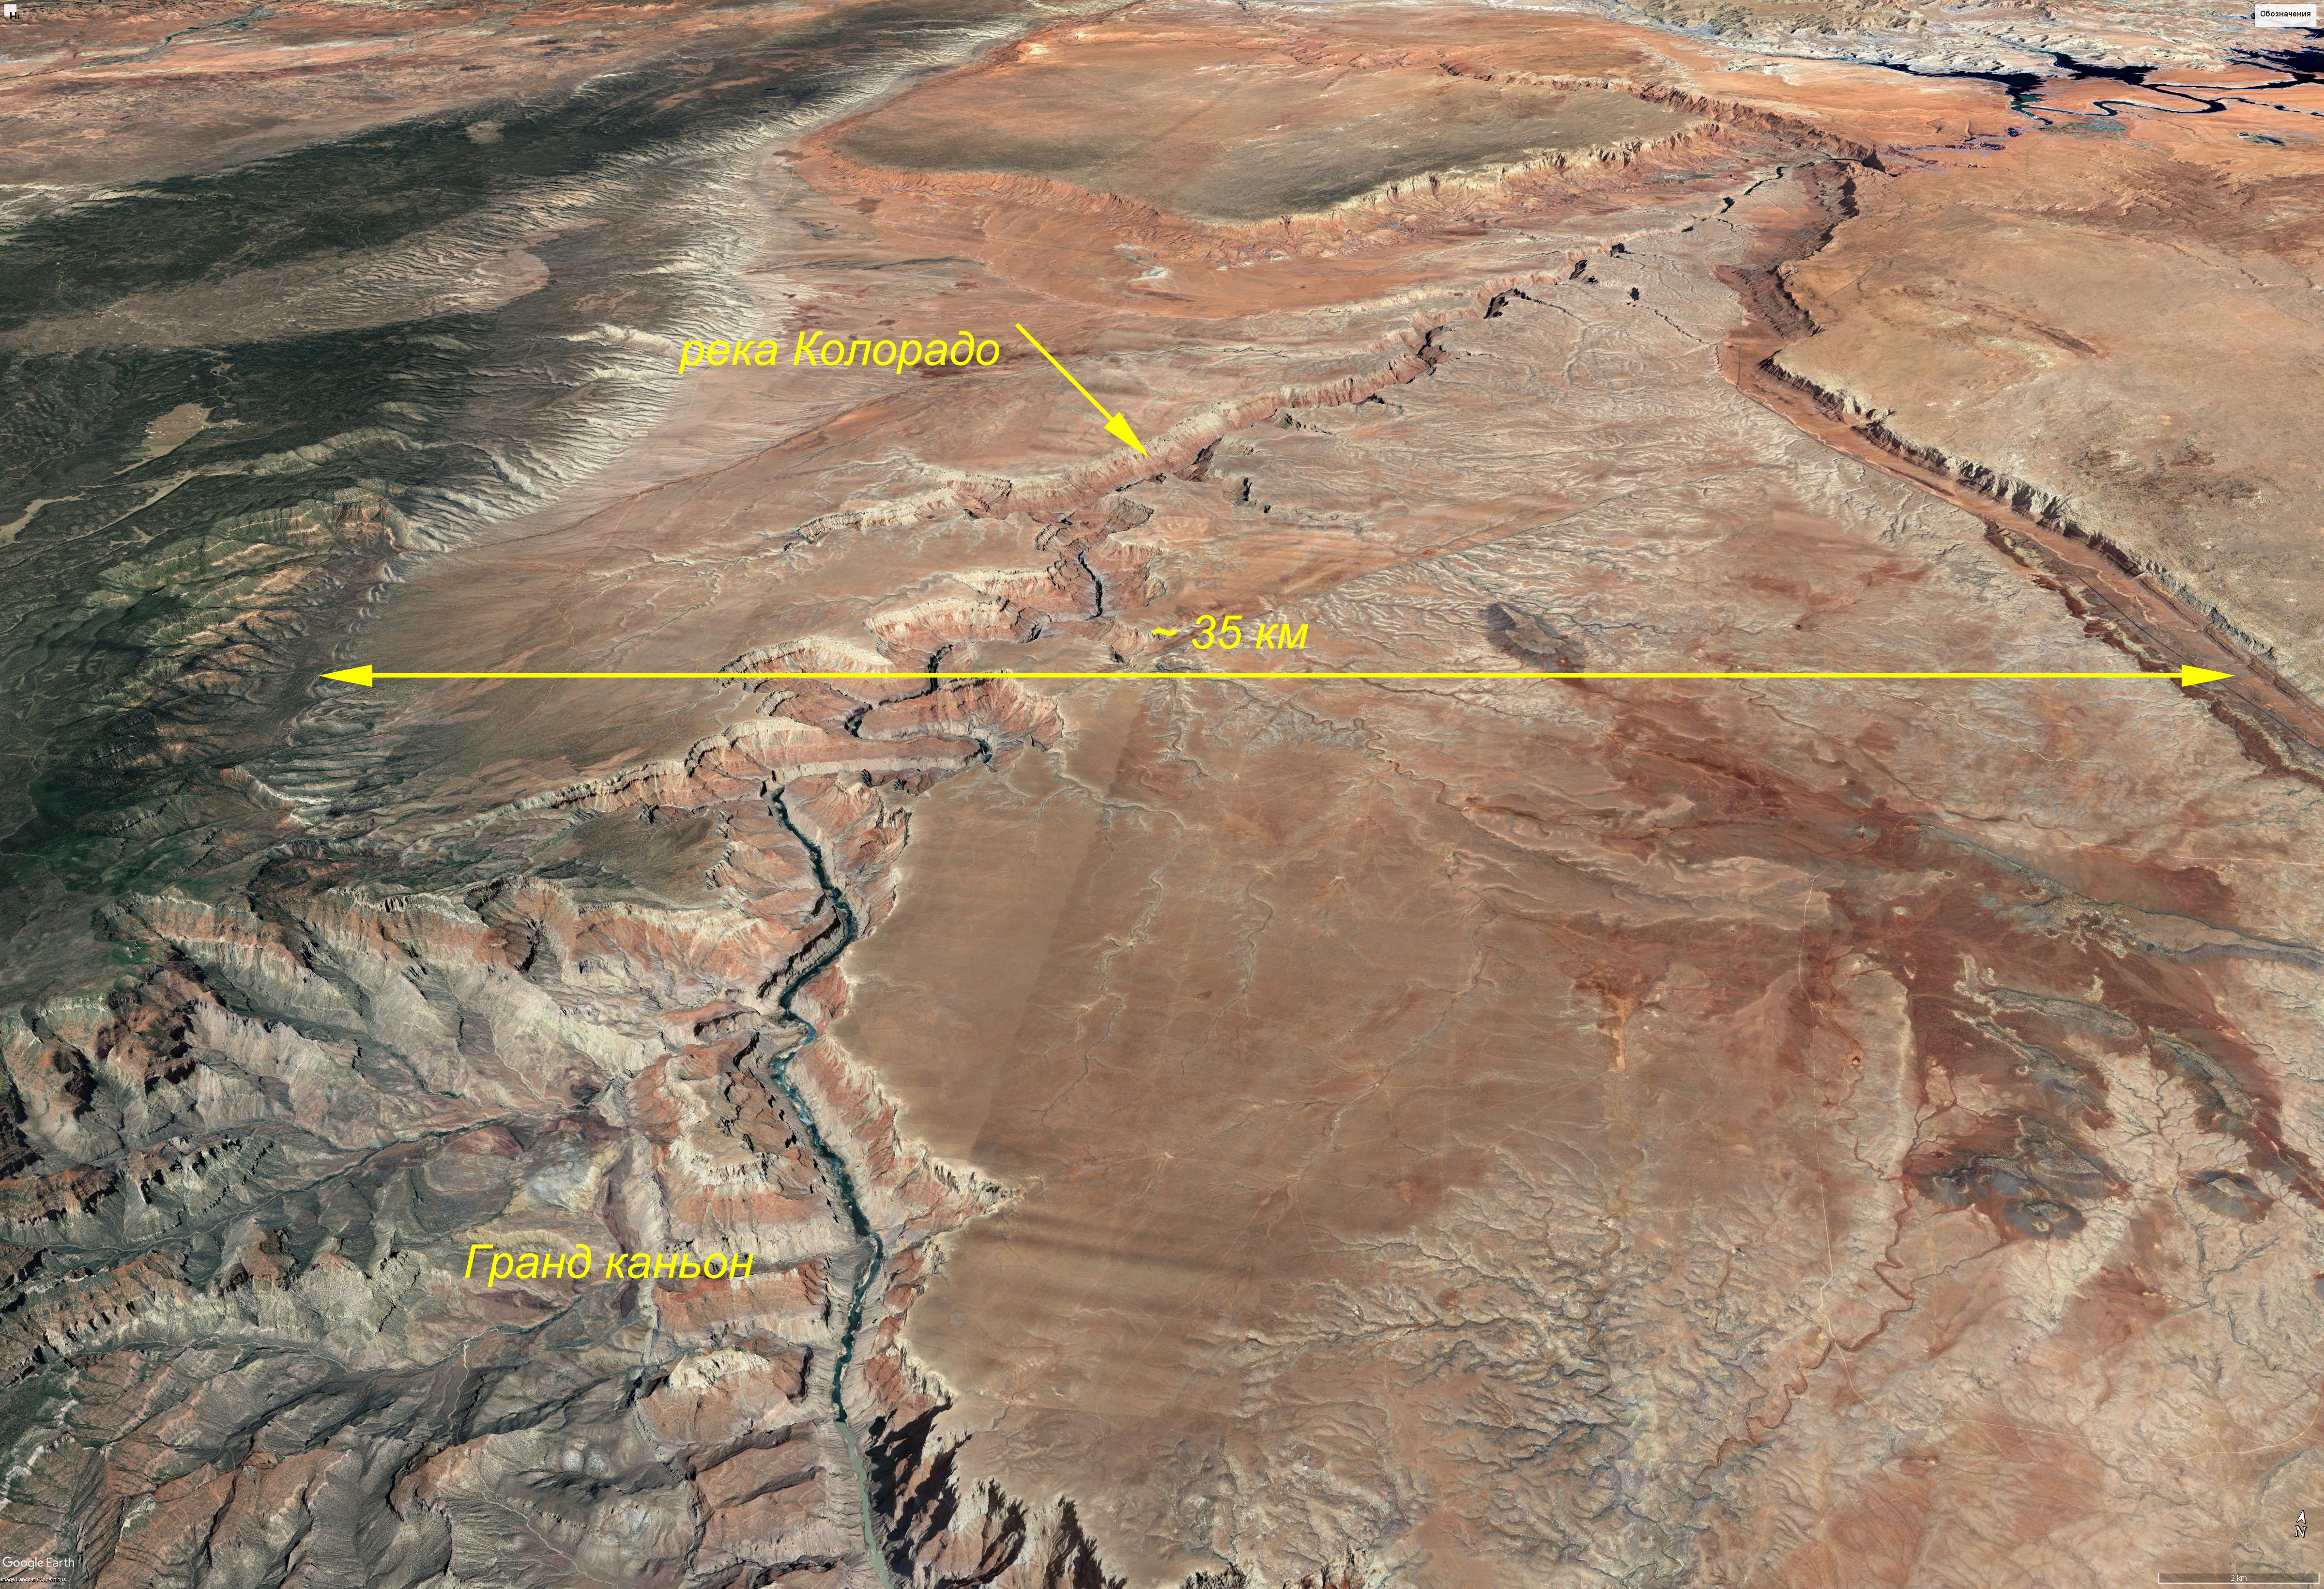 Гранд-Каньон (ширина долины 35 км)